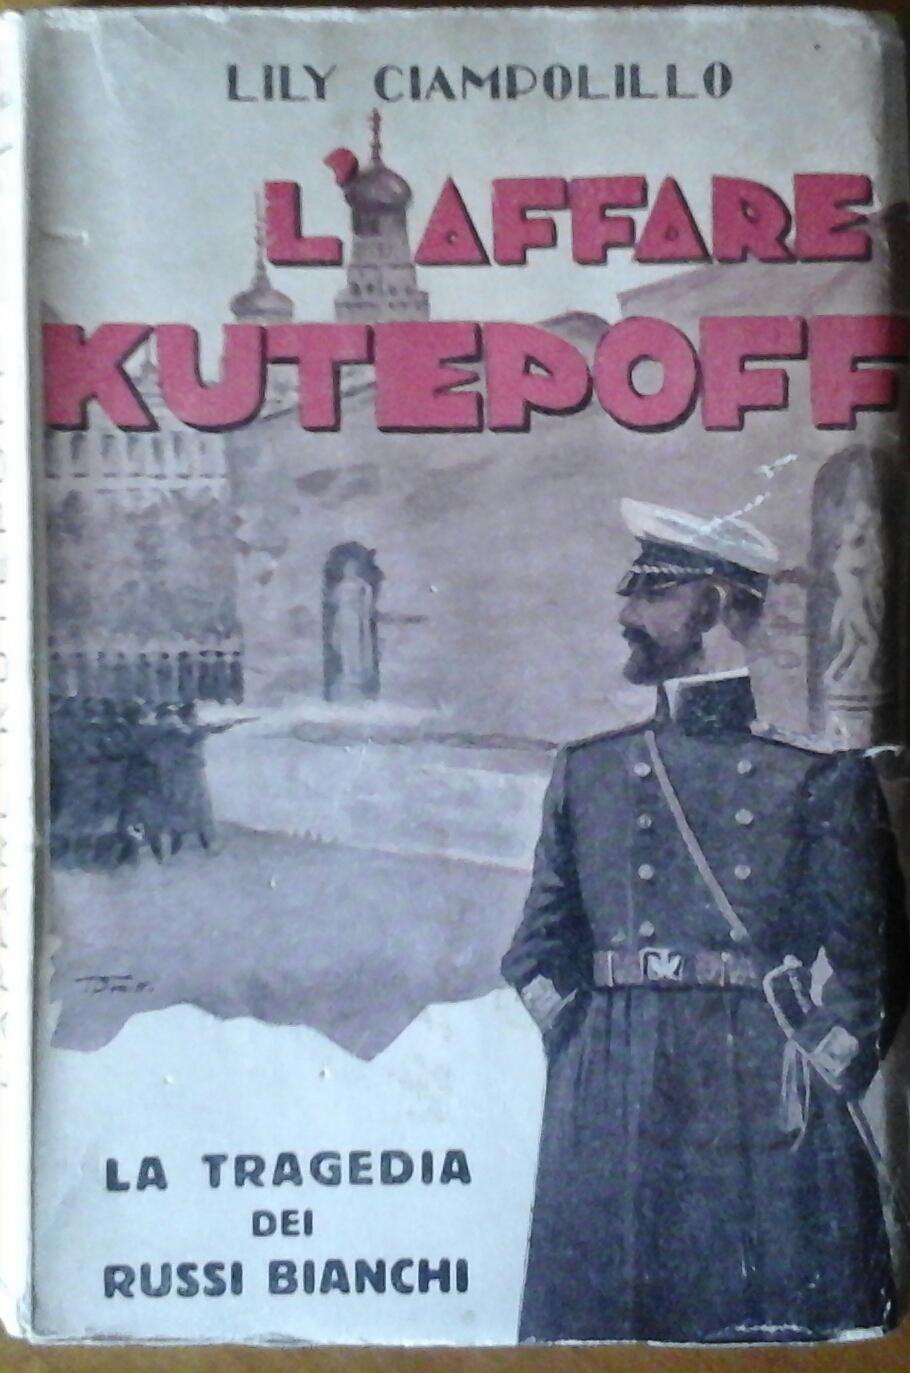 L'affare Kutepoff